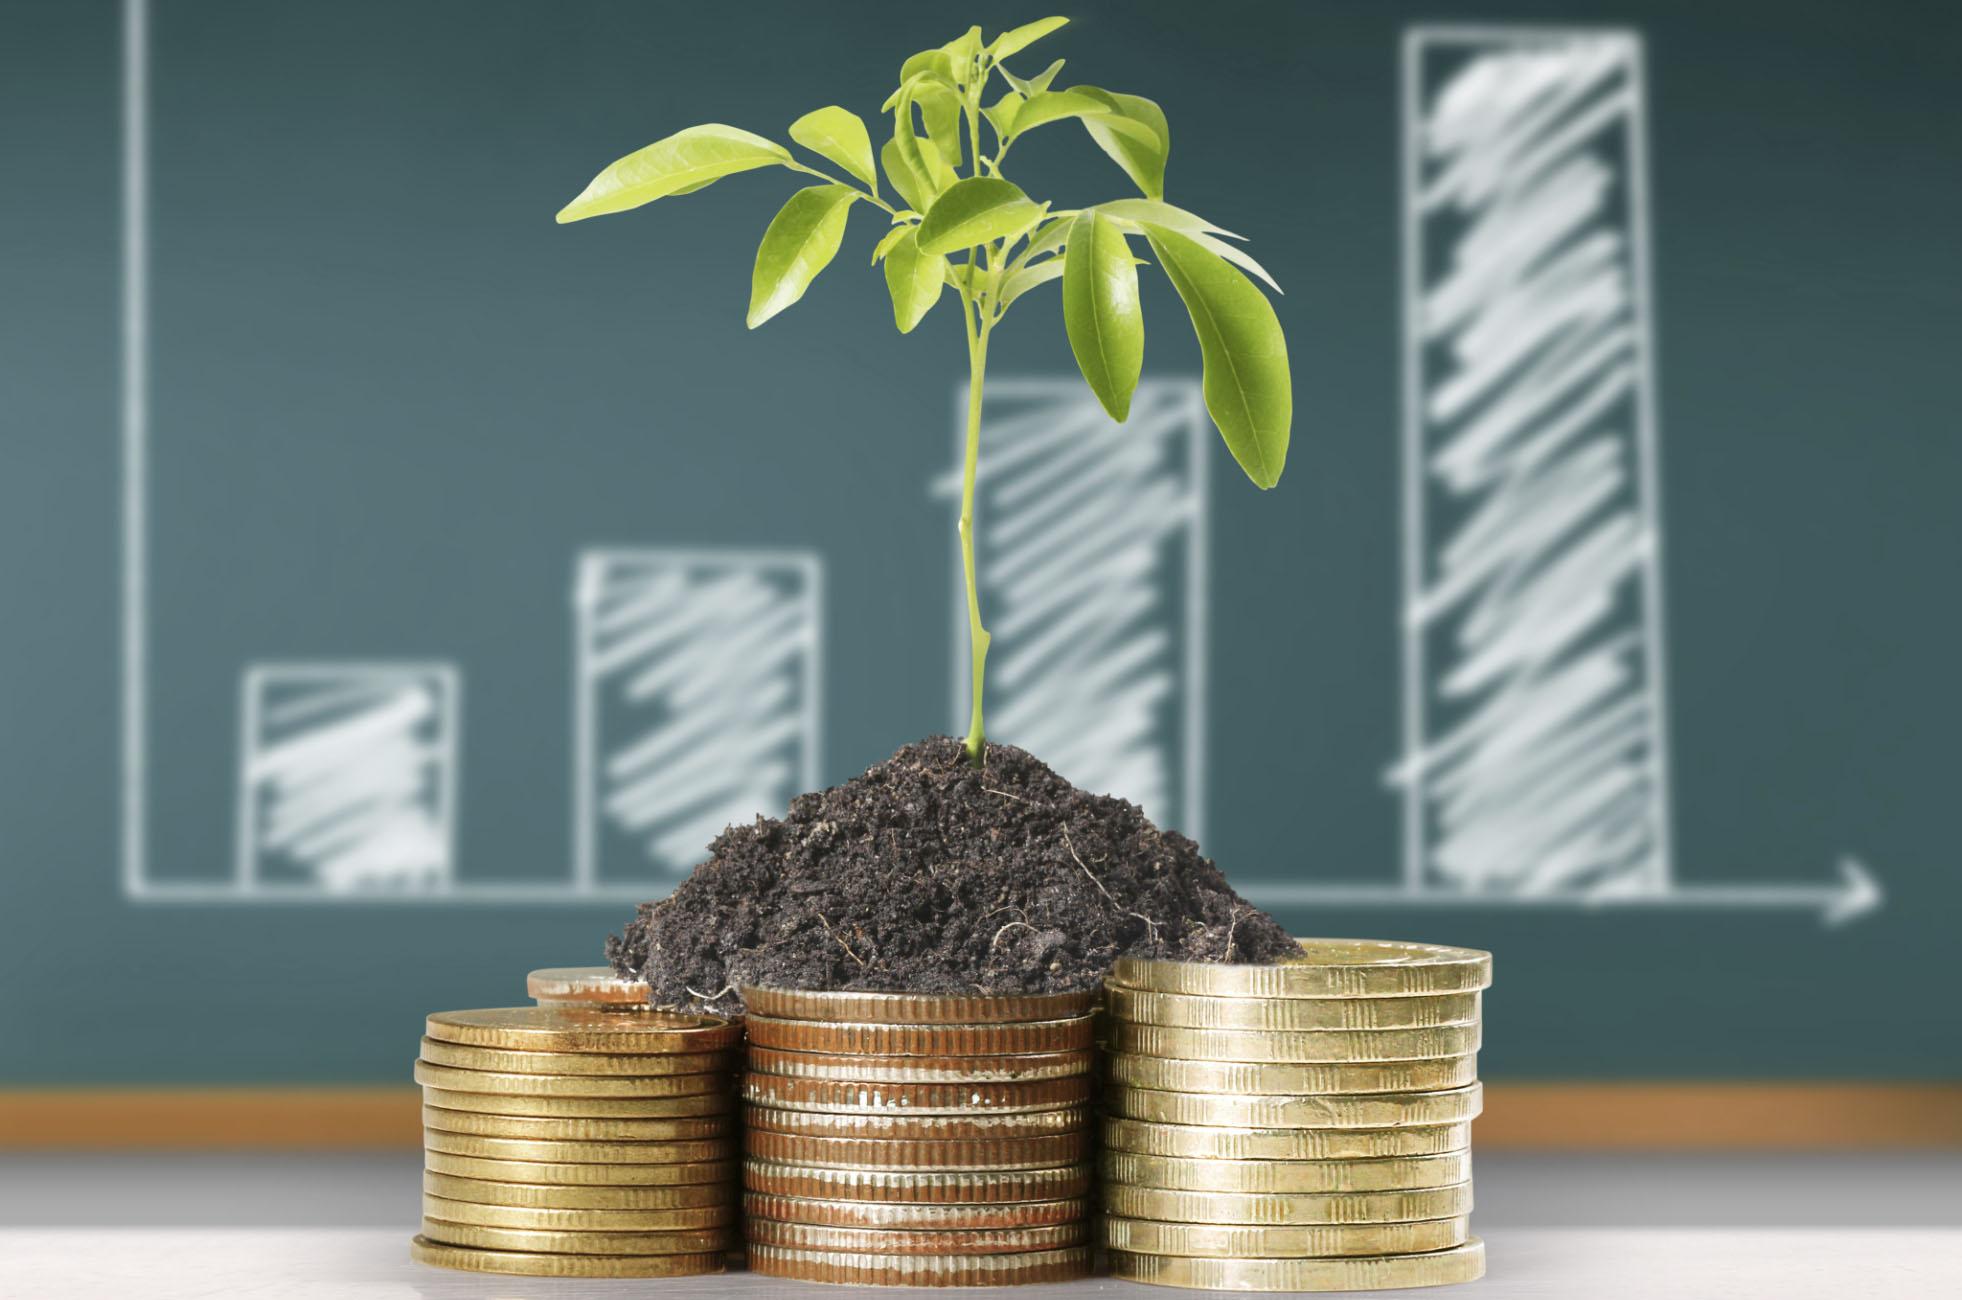 Поступление и расходование материальных средств